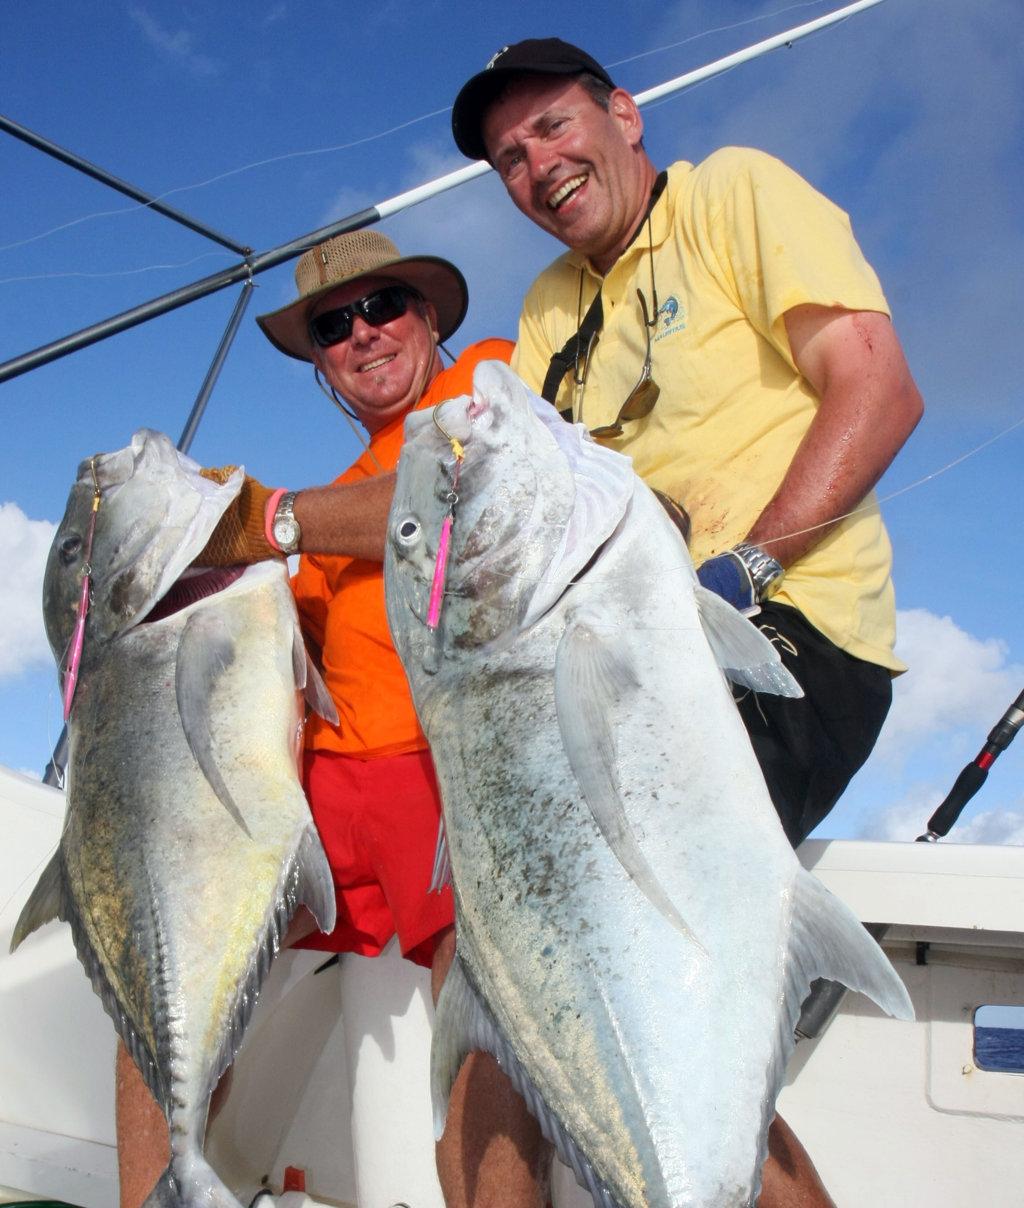 Doublé de GT en jigging - Rod Fishing Club - Ile Rodrigues - Maurice - Océan Indien